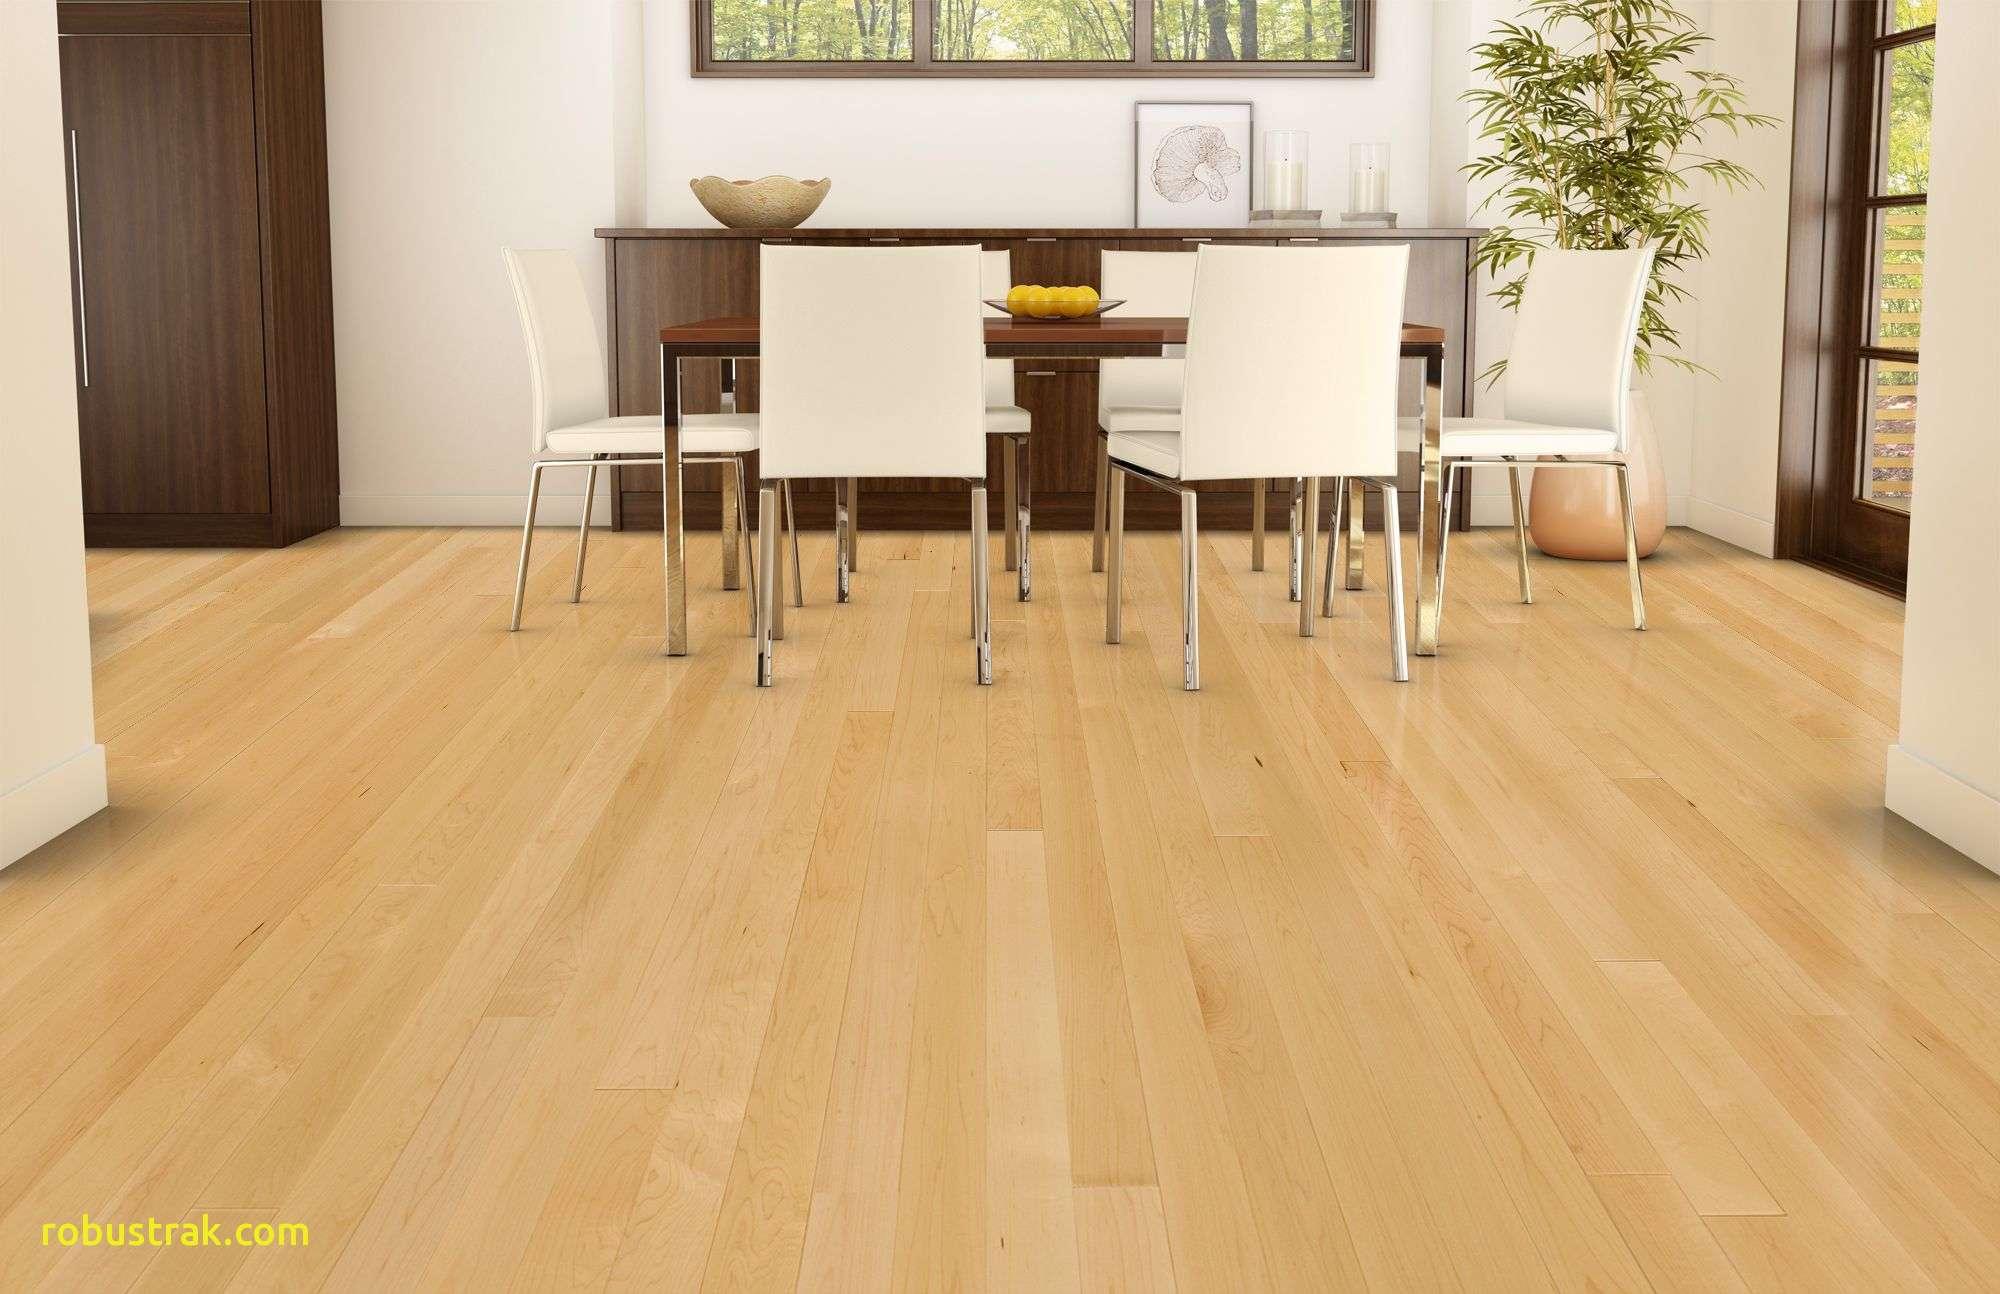 maple hardwood floors maple solid flooring maple solid hardwood flooring at brand floors brand  floors WHNWUHK